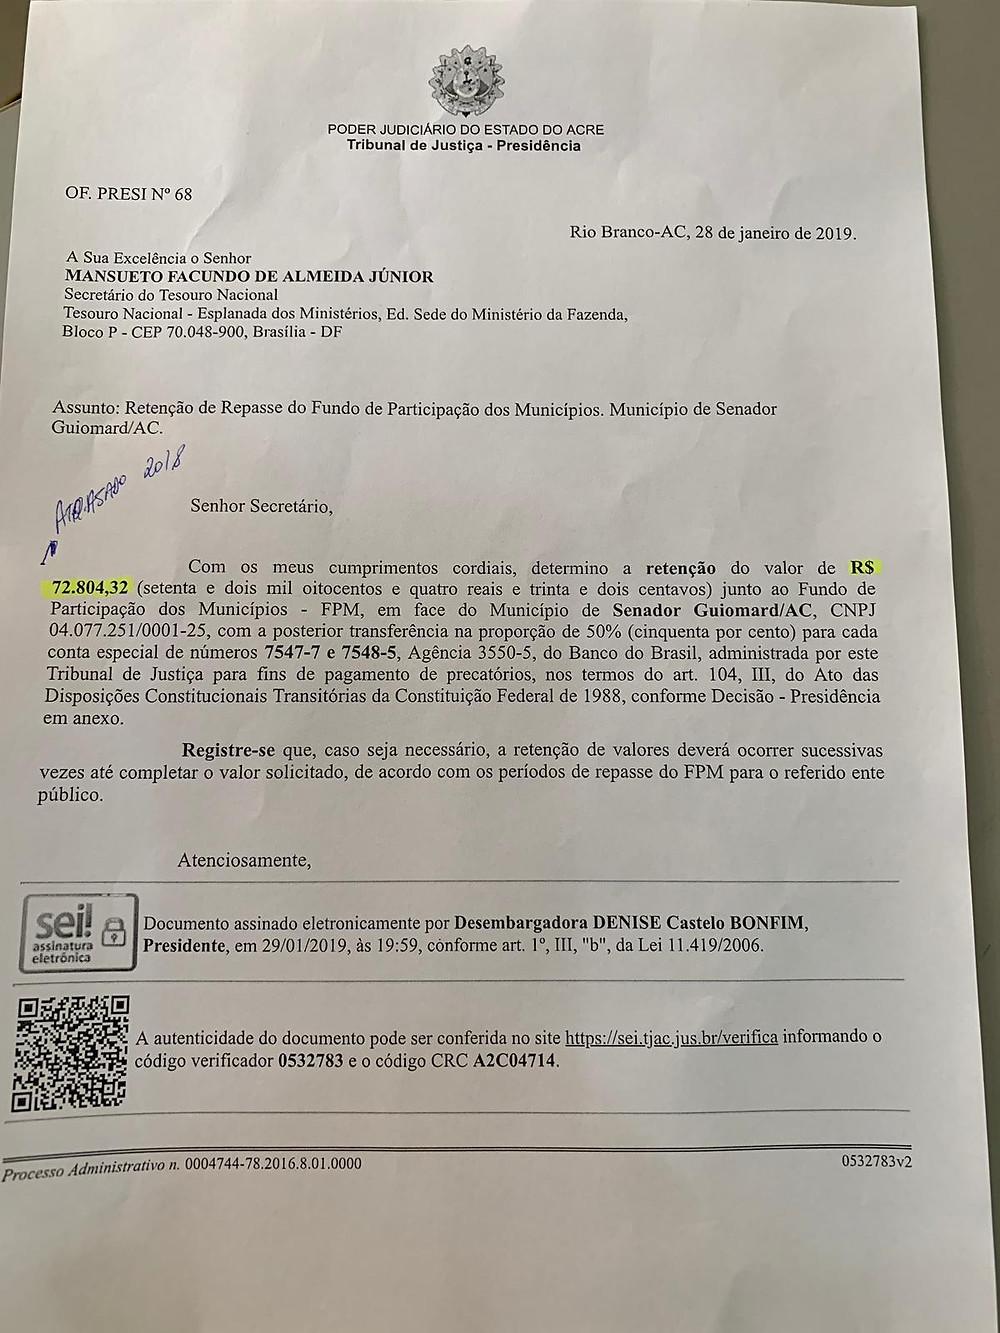 Cópia do Ofício nº 68/2019 assinado pela Desembargadora Denise Bonfim (TJAC)